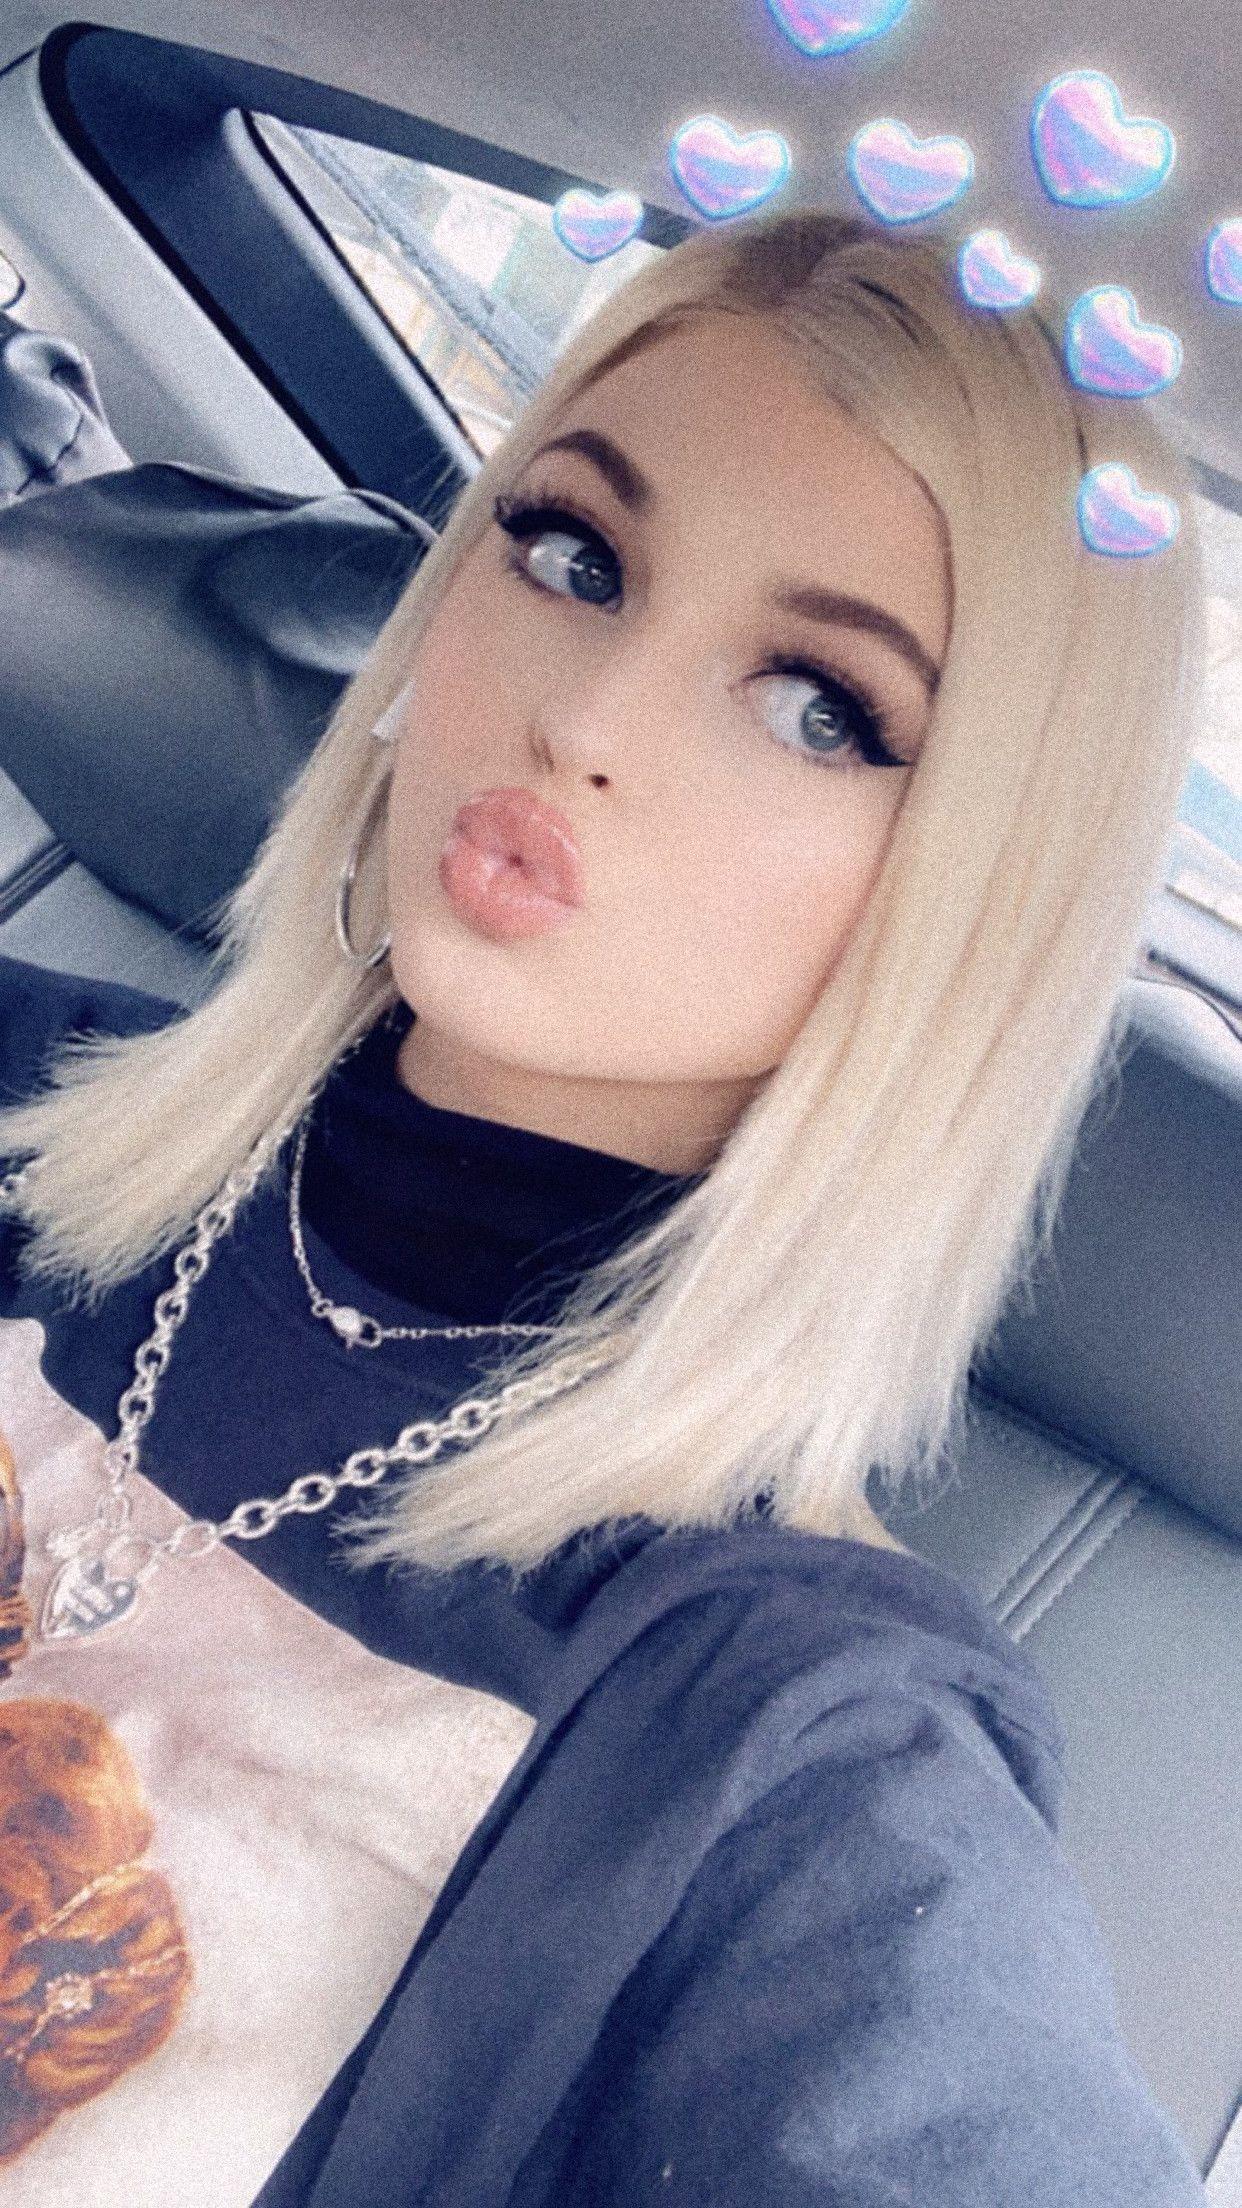 Ssɛaʊ Fʊl Loren Gray Loren Gray Snapchat Loren Gray Hair